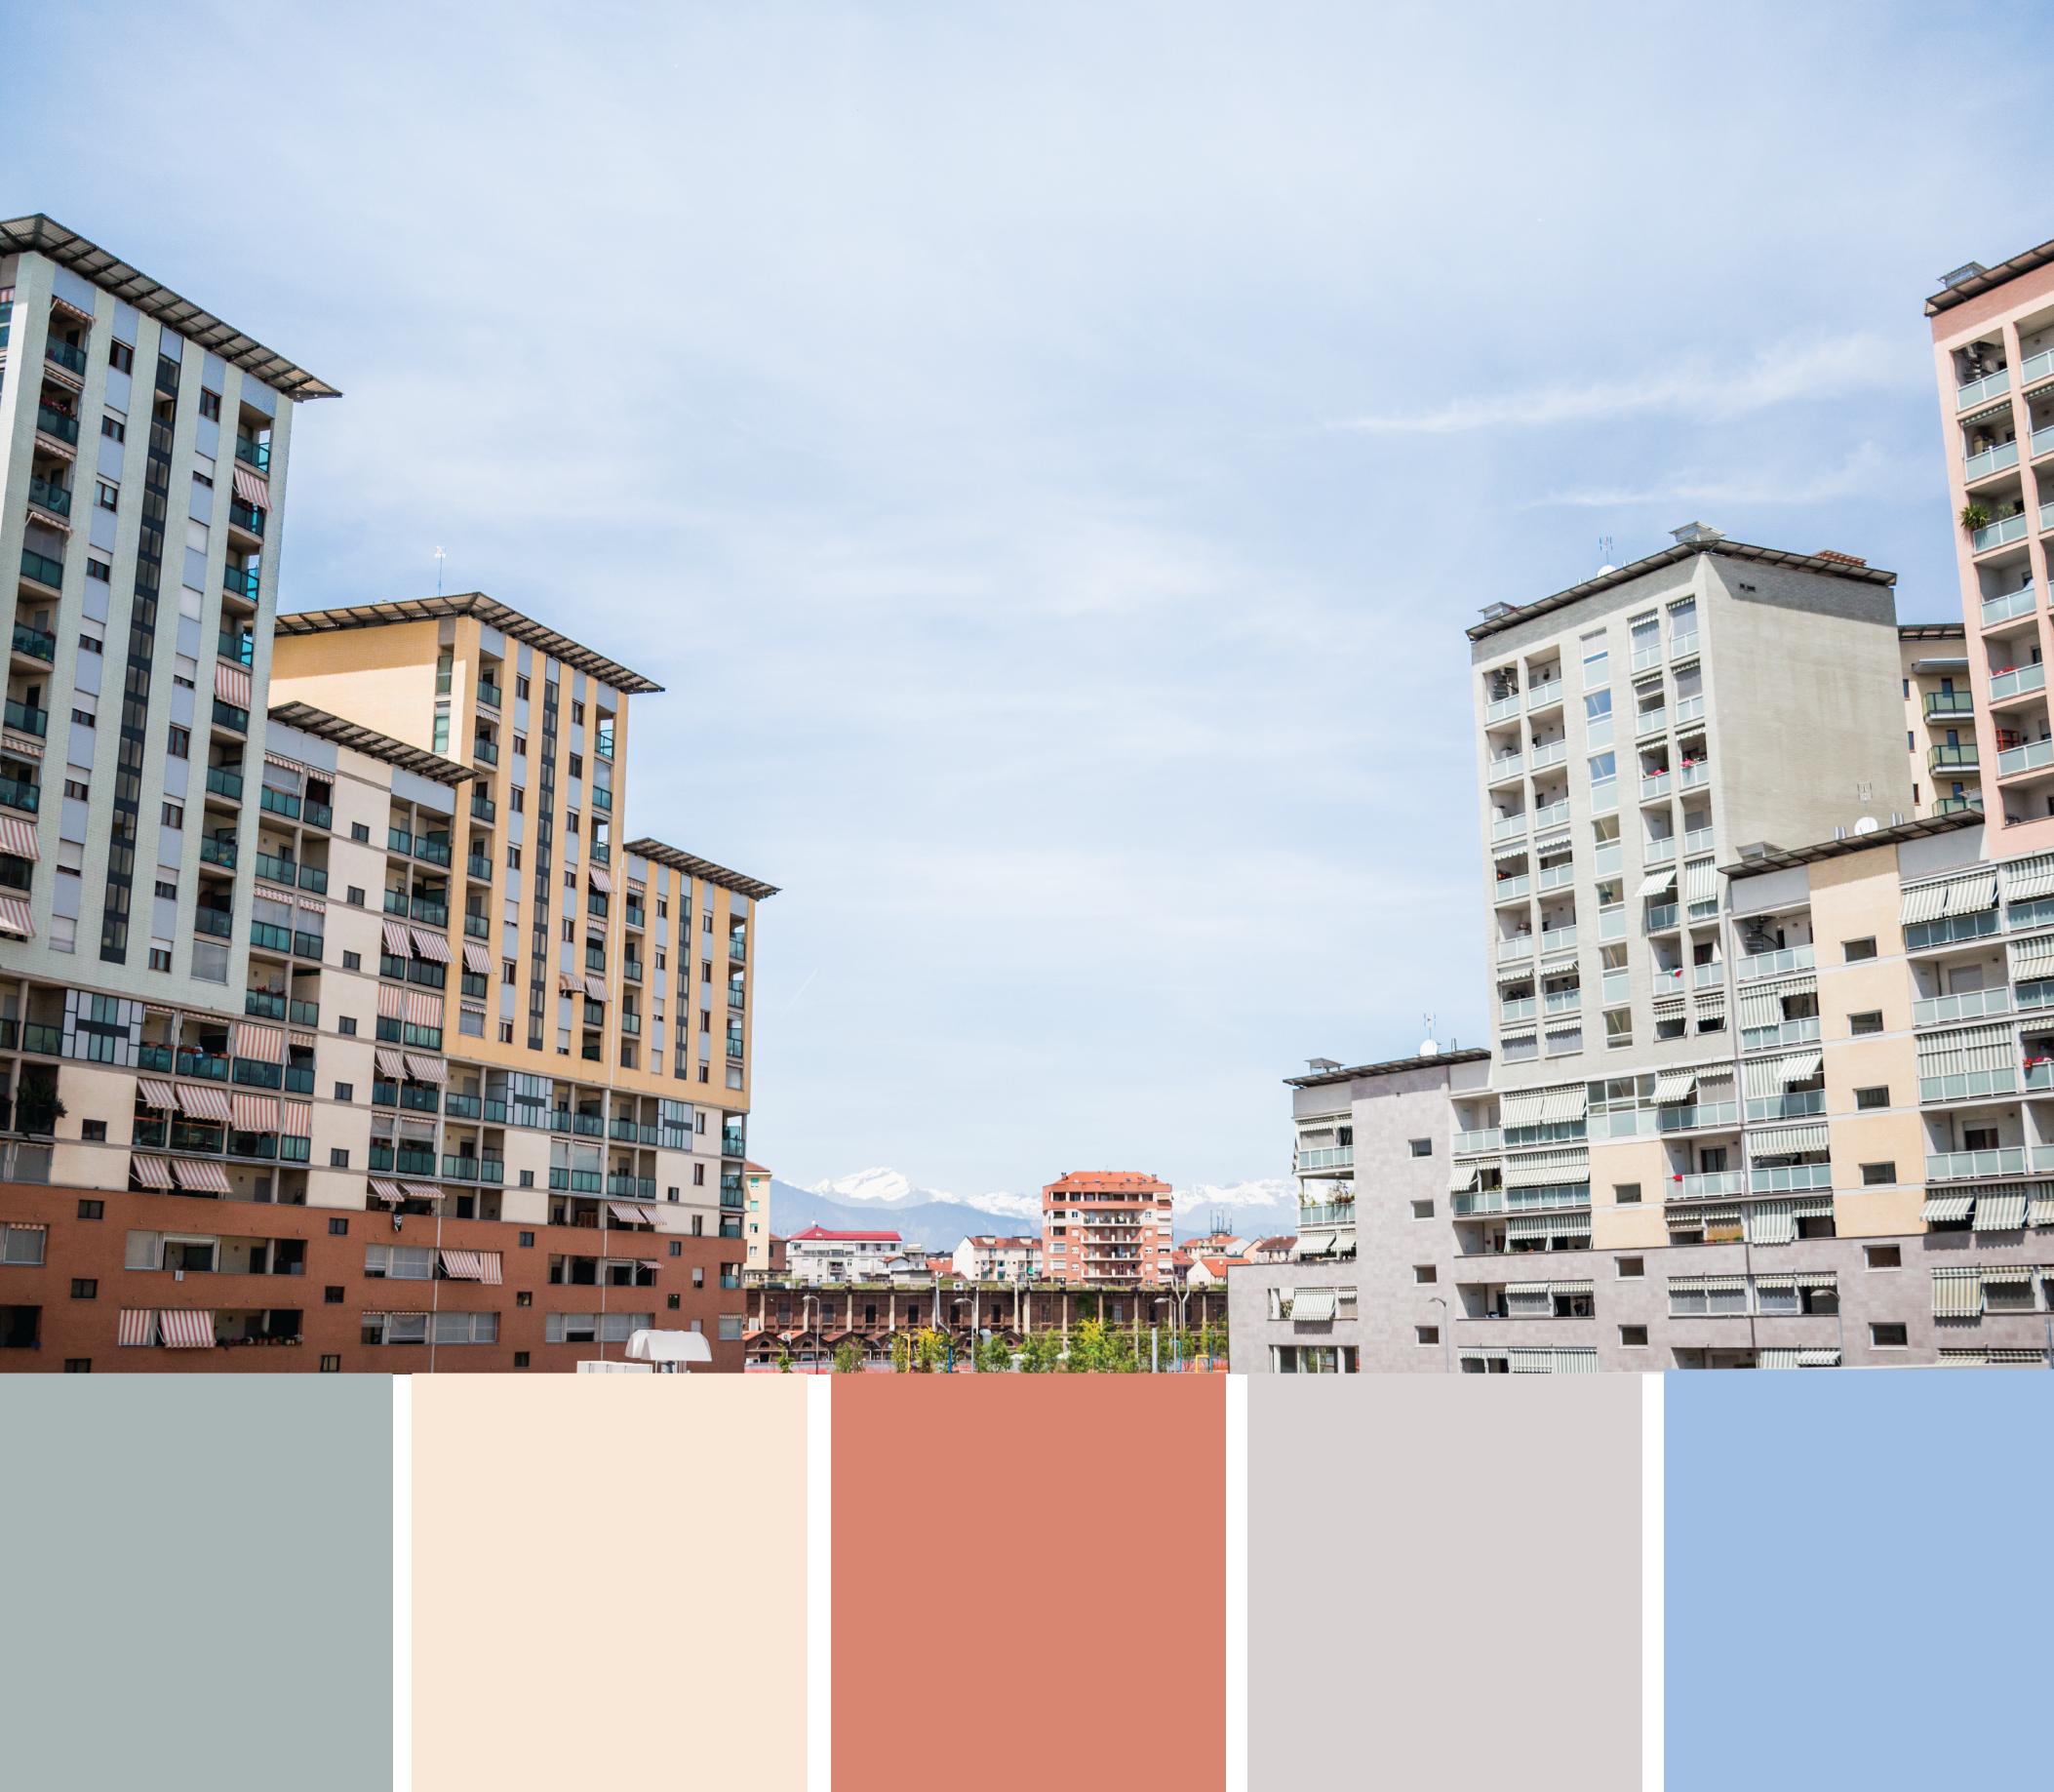 Colori d'estate 2015 Torino Italia Fotografo  Laura Griffiths Italia